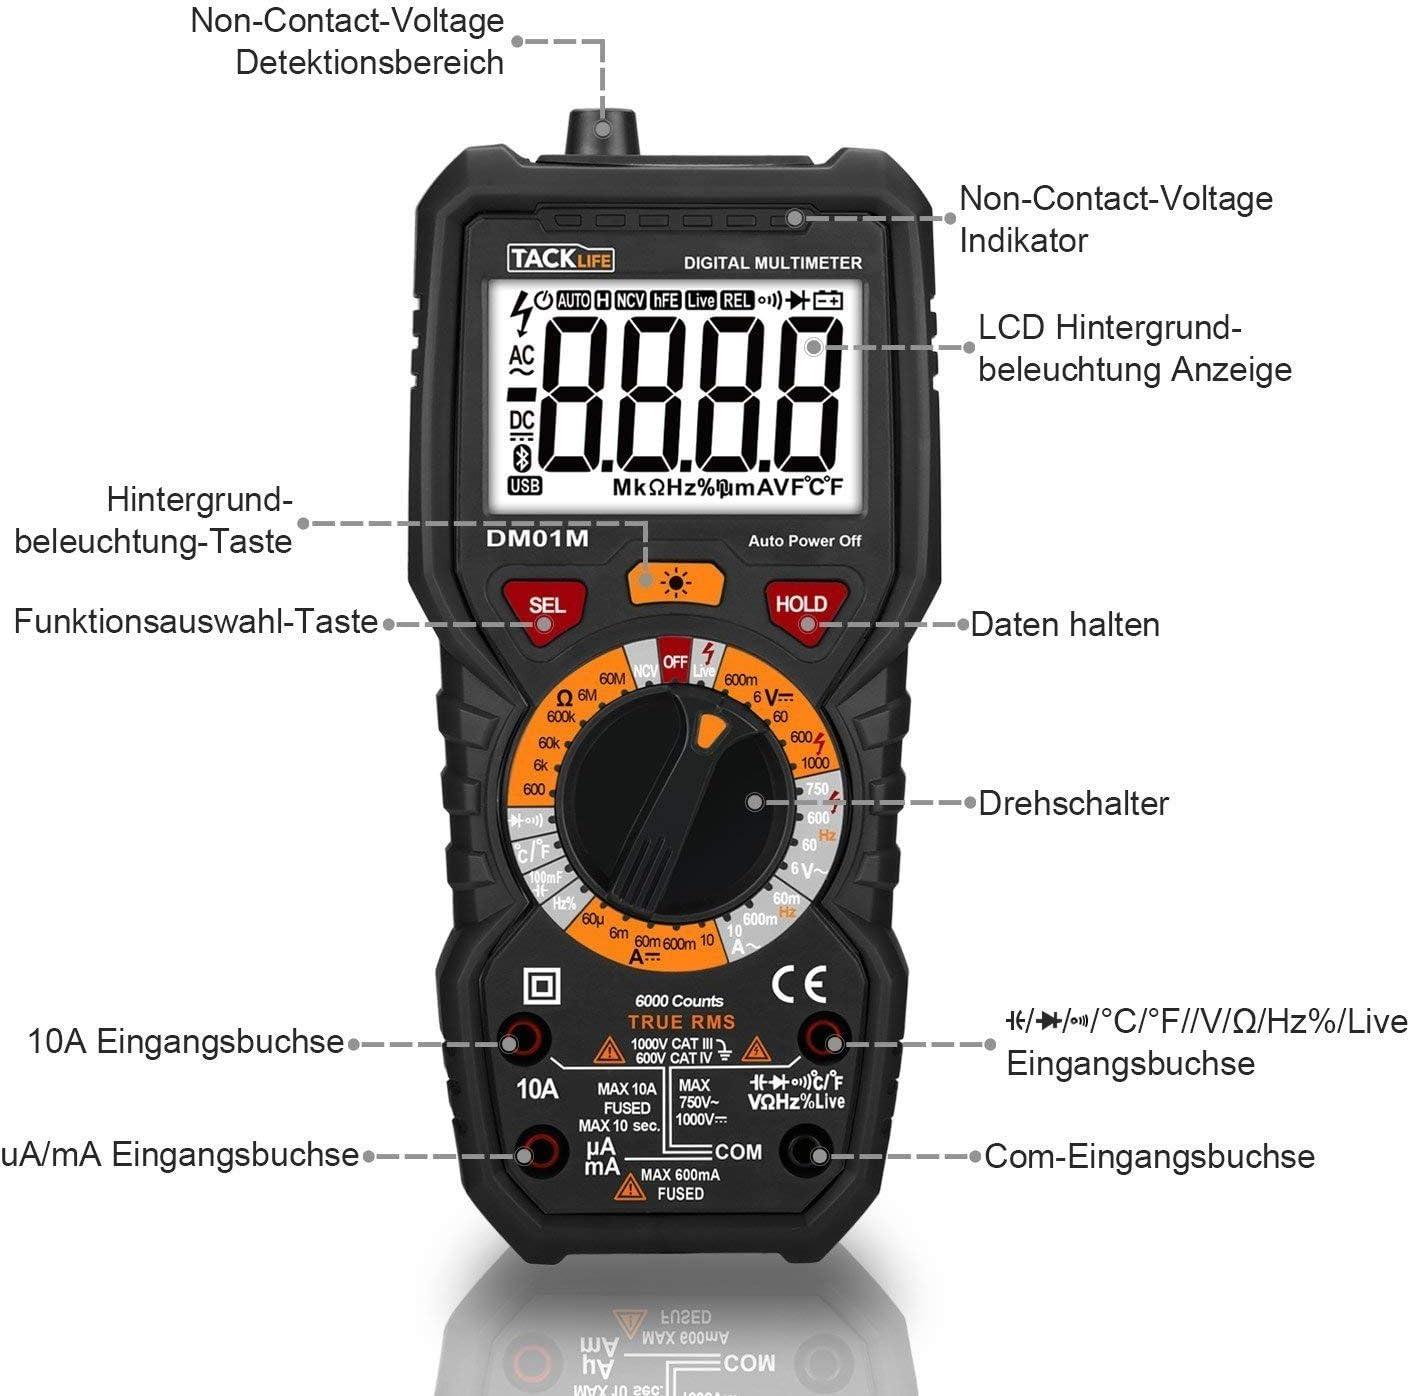 Beep Test de continuit/é avec /éclairage Live Line tacklife dm01/m Multi Testeur Multim/ètre num/érique avec d/étection de tension sans contact la temp/érature